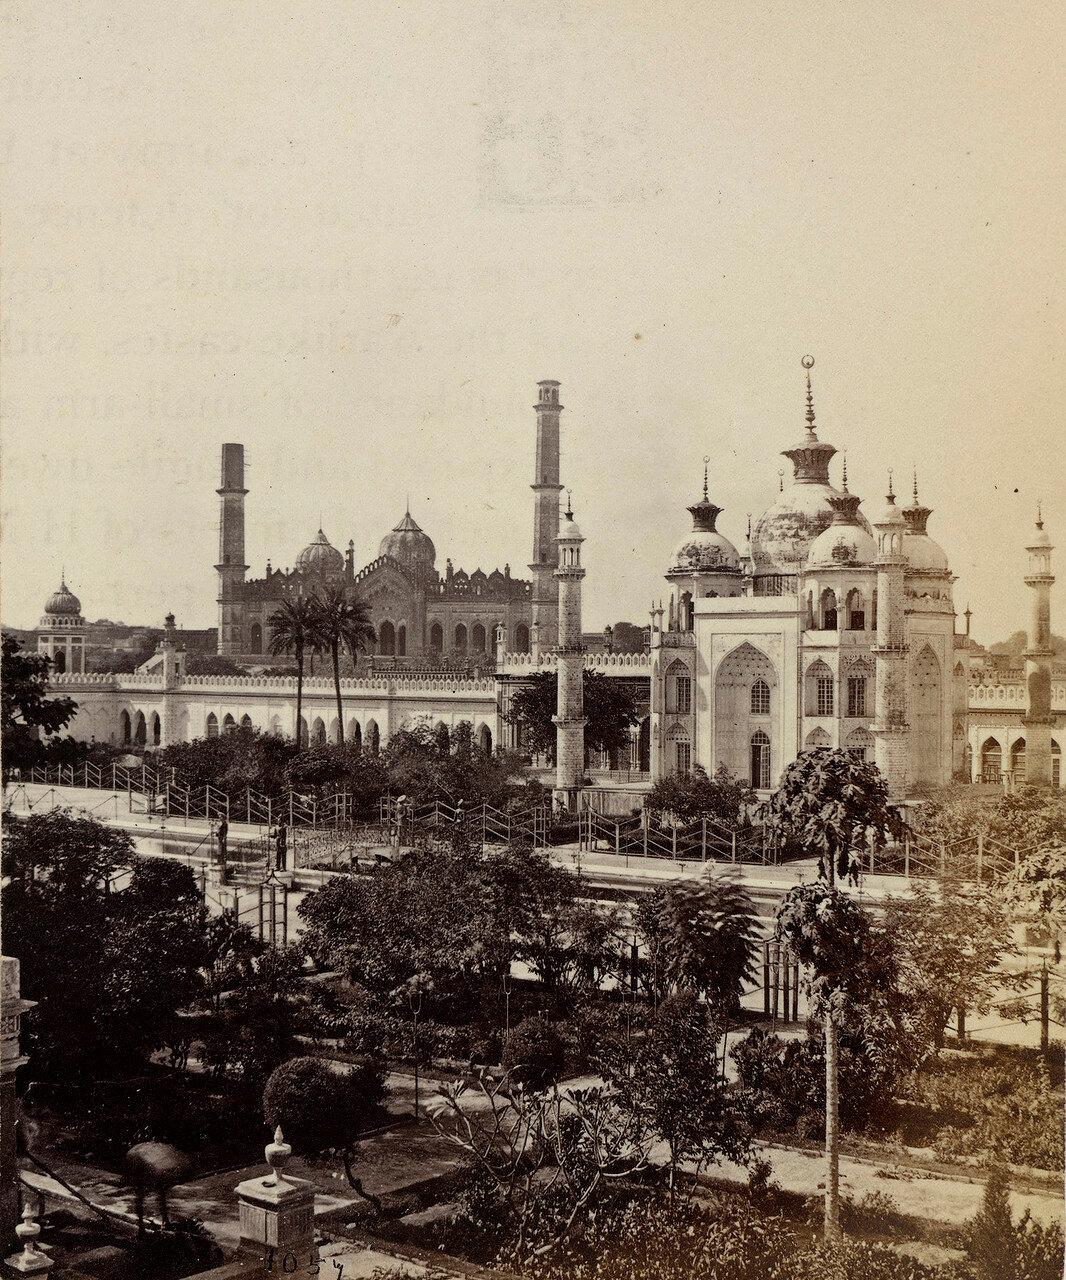 23. Вид с террасы Хуссейнабад Имамбаре, Лакхнау